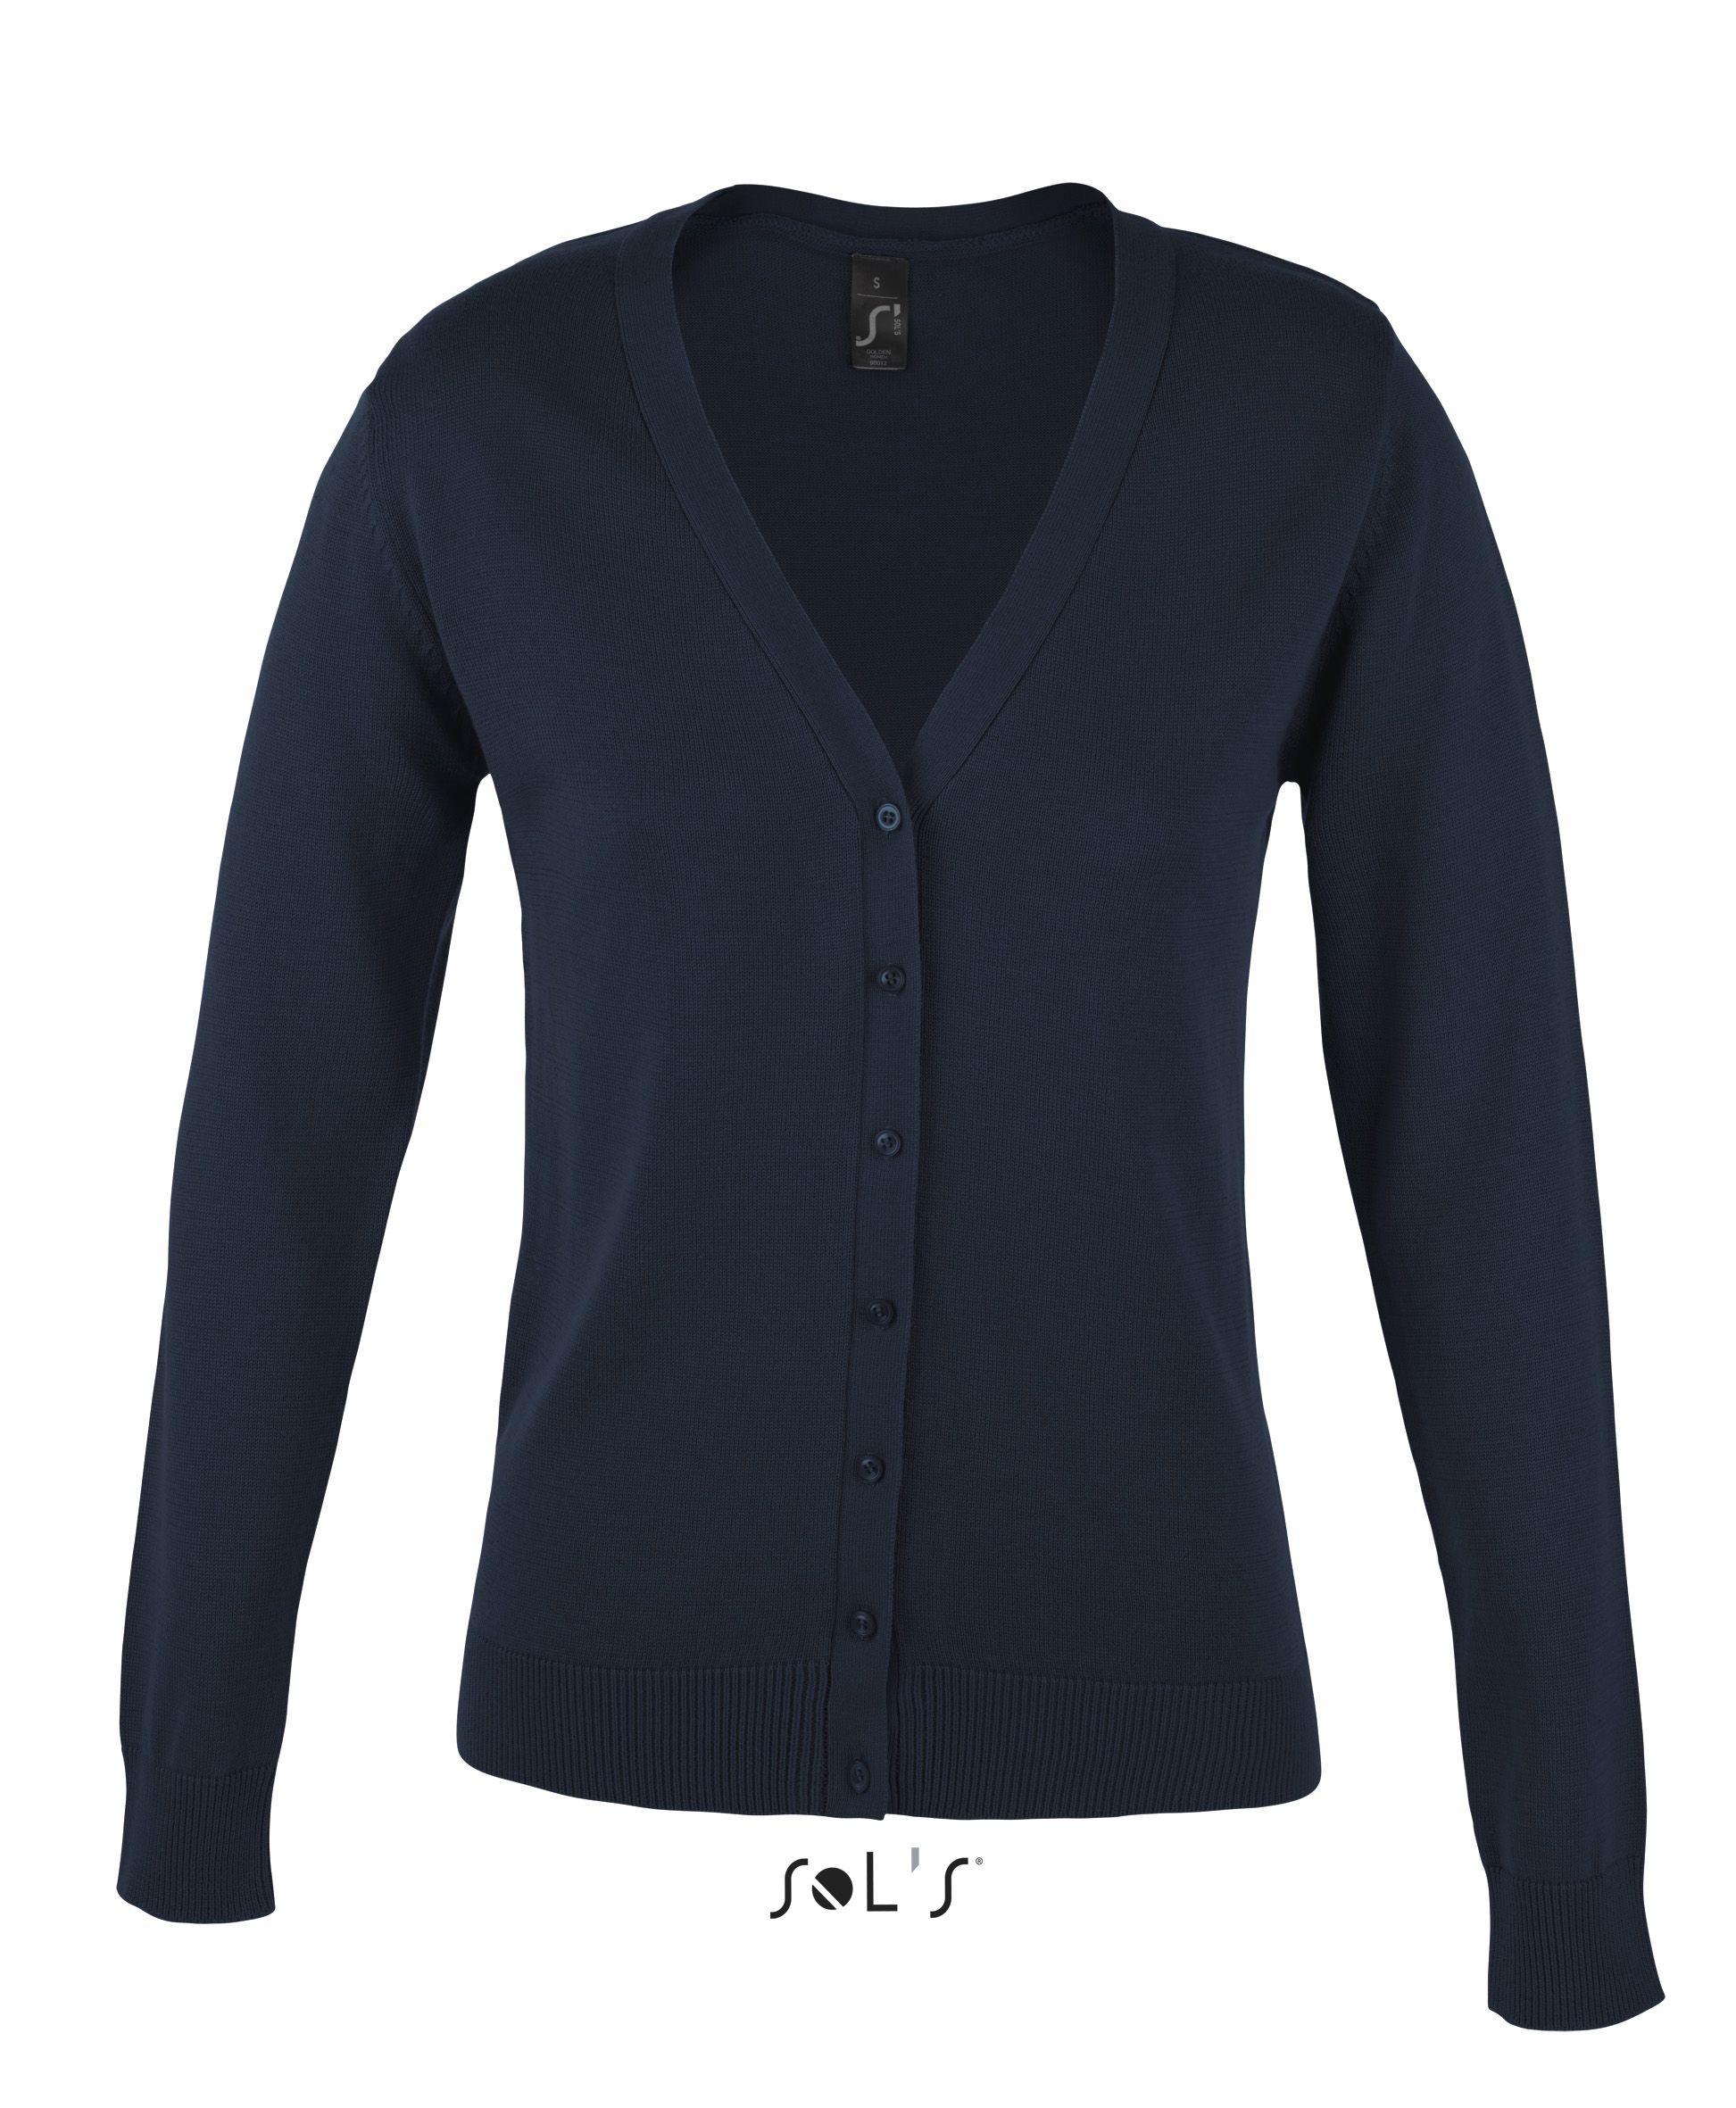 Sweter S 90012 Golden Women - 90012_navy_S - Kolor: Navy